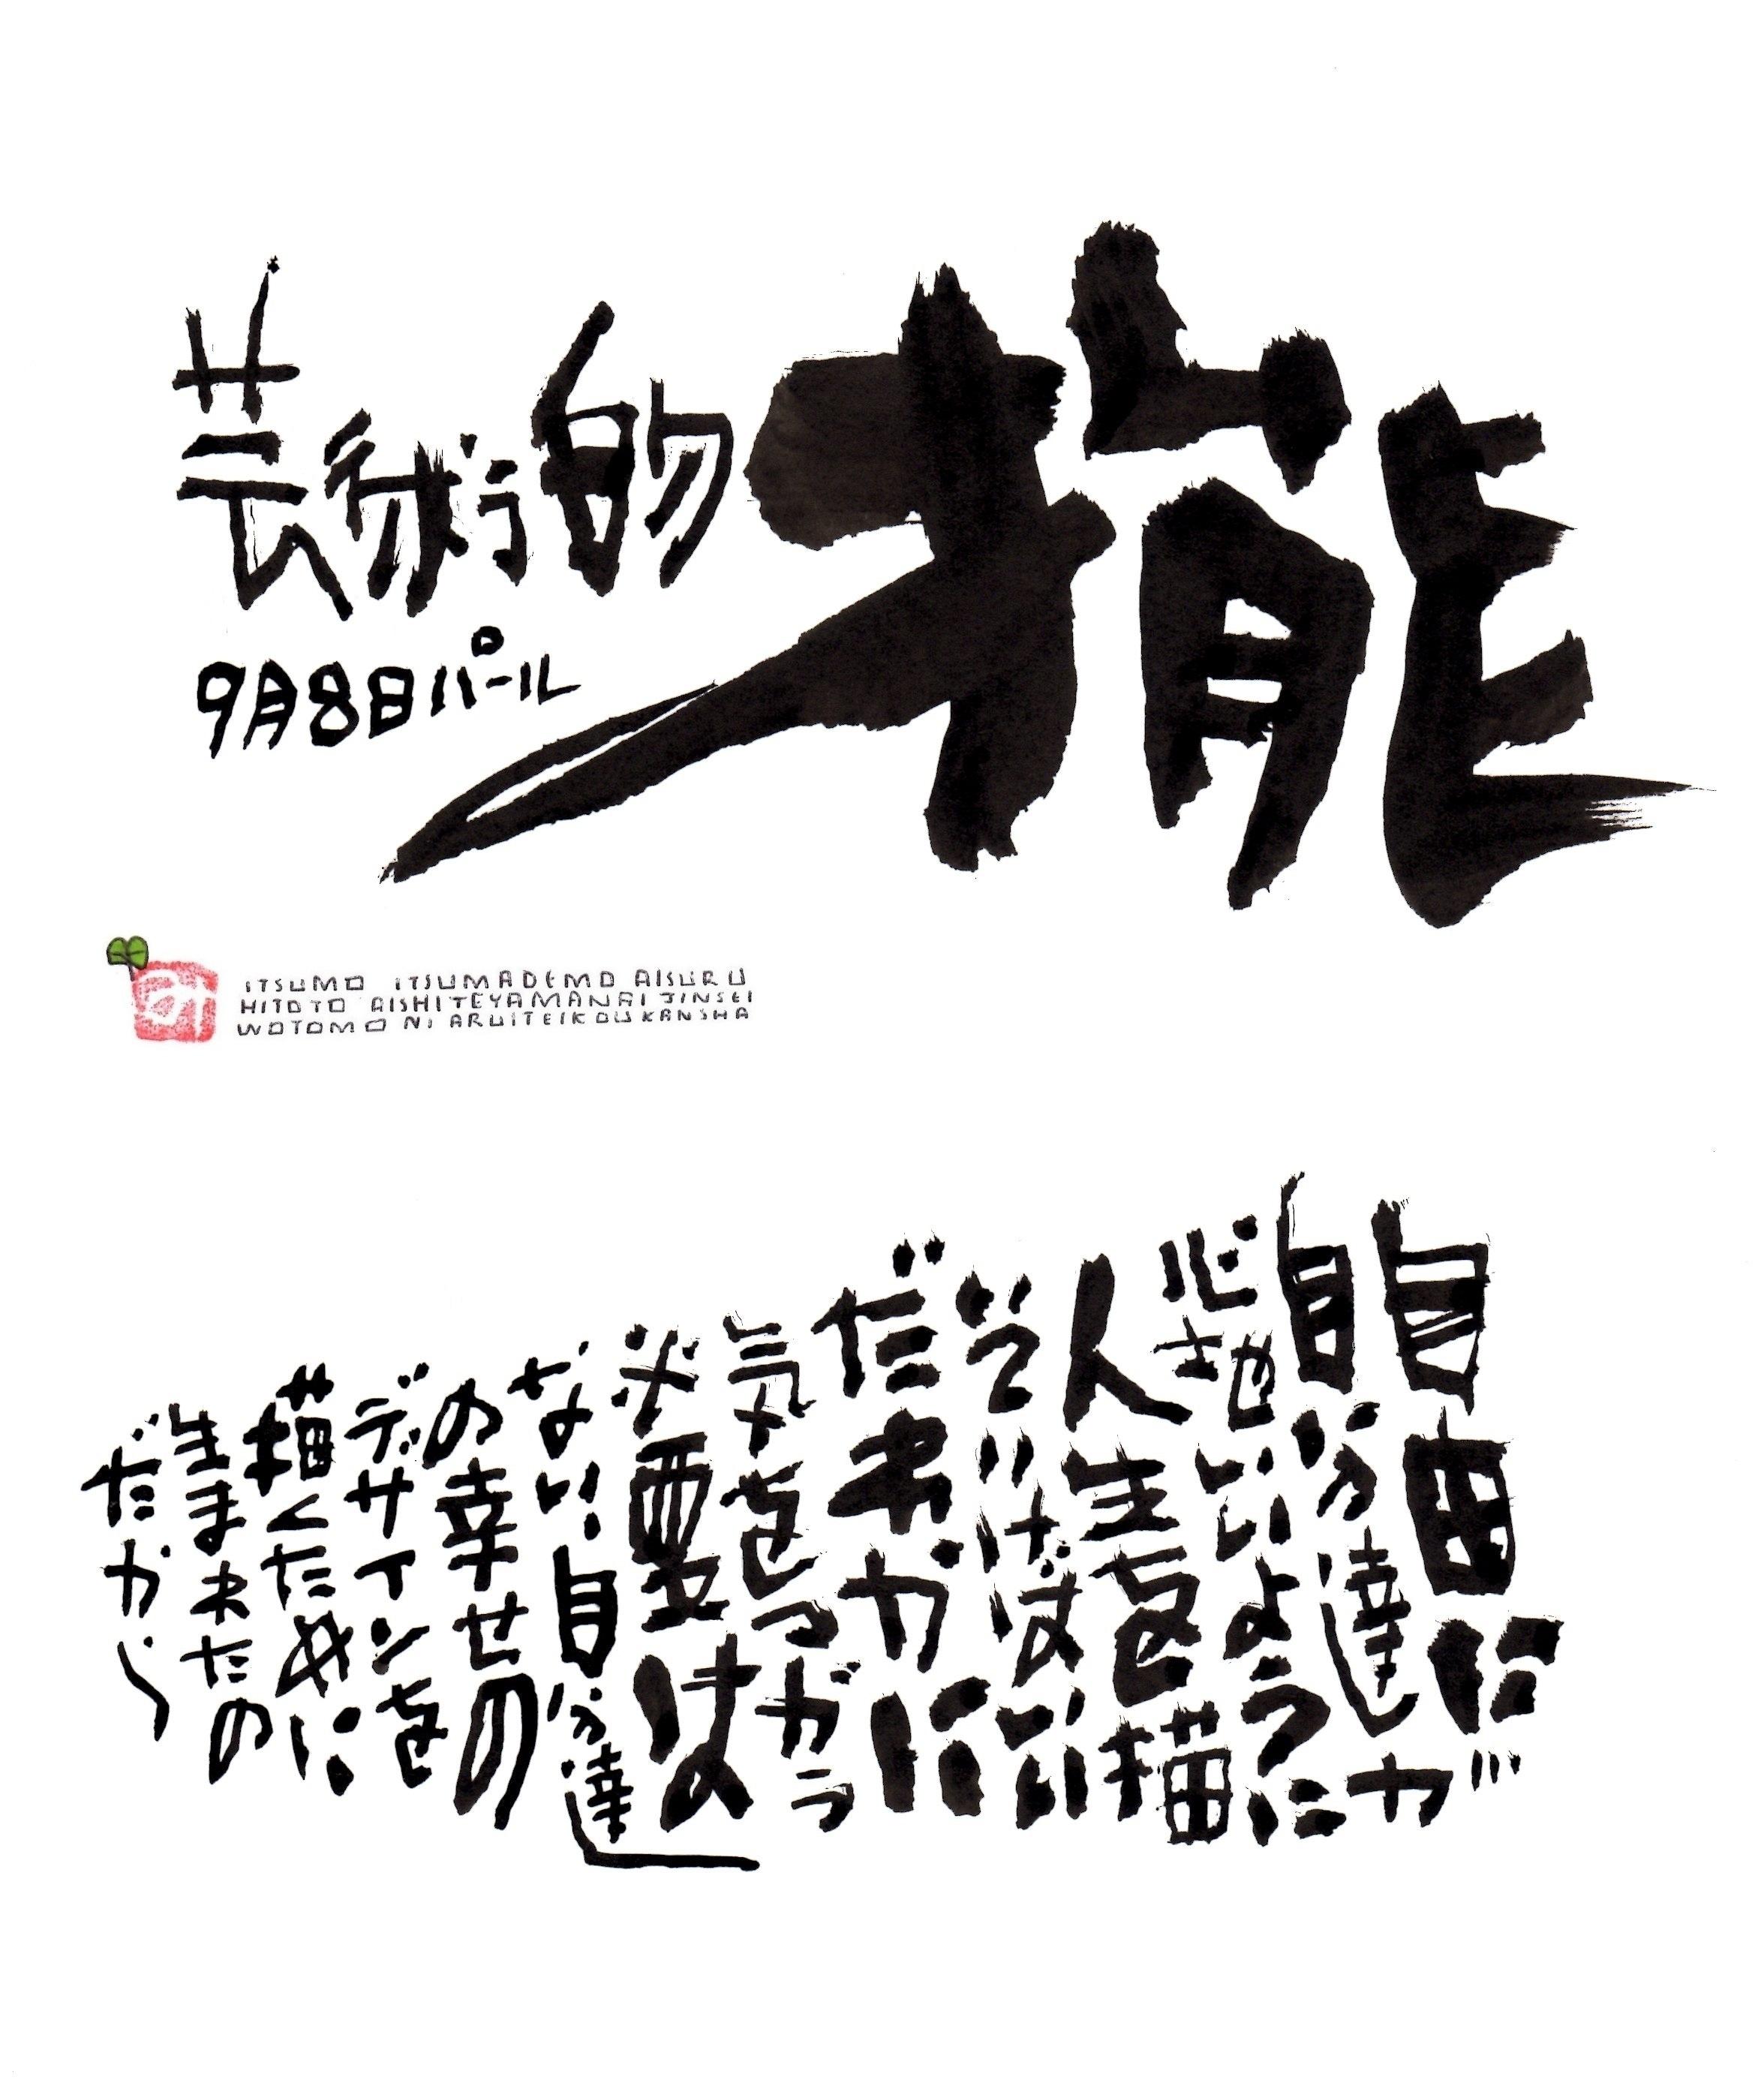 9月8日 結婚記念日ポストカード【芸術的才能】